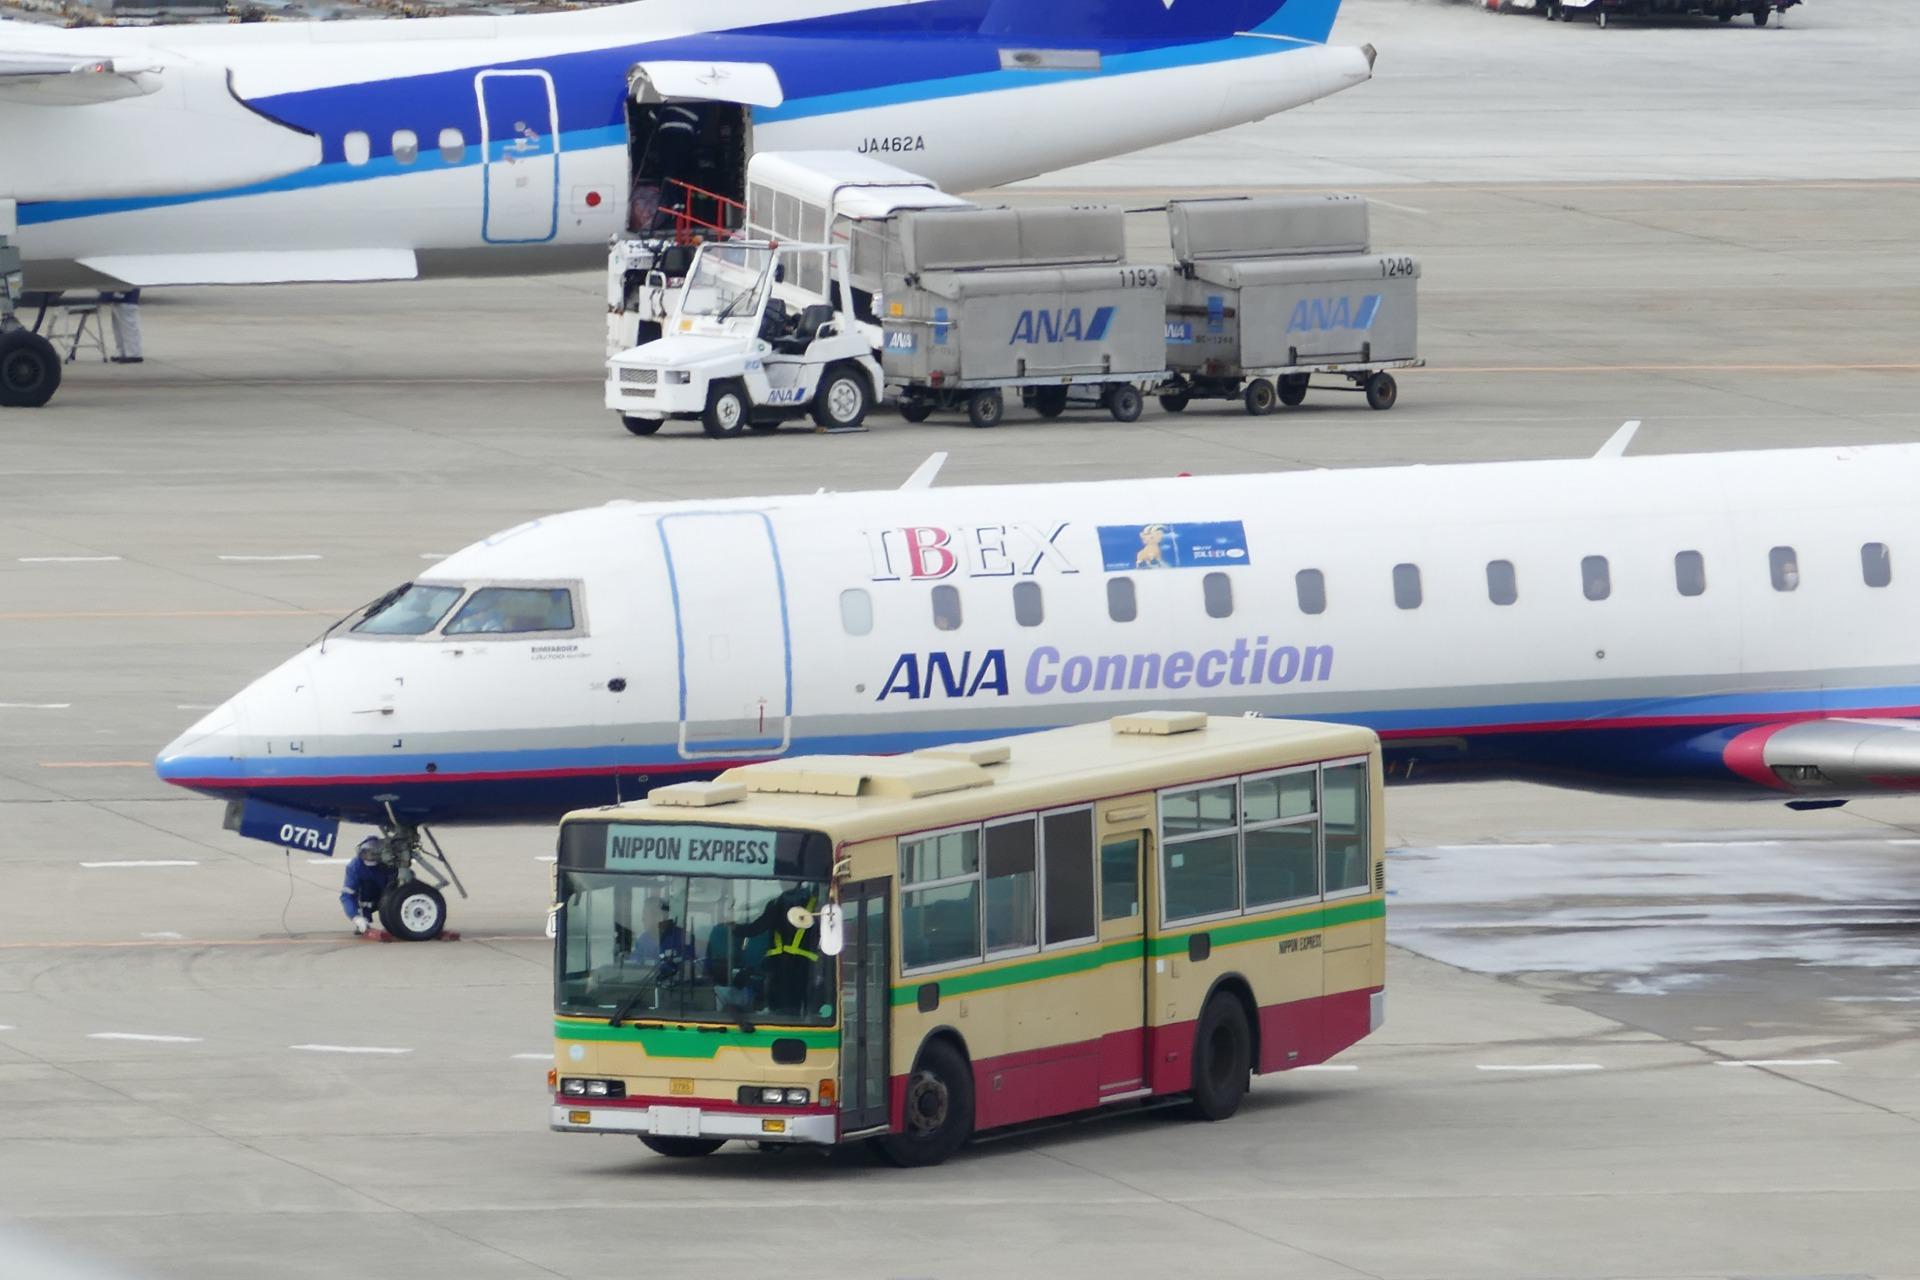 エアポートバスじゃないけど空港でもっとも飛行機 に近いところを走るバス【エアポートバスの話】